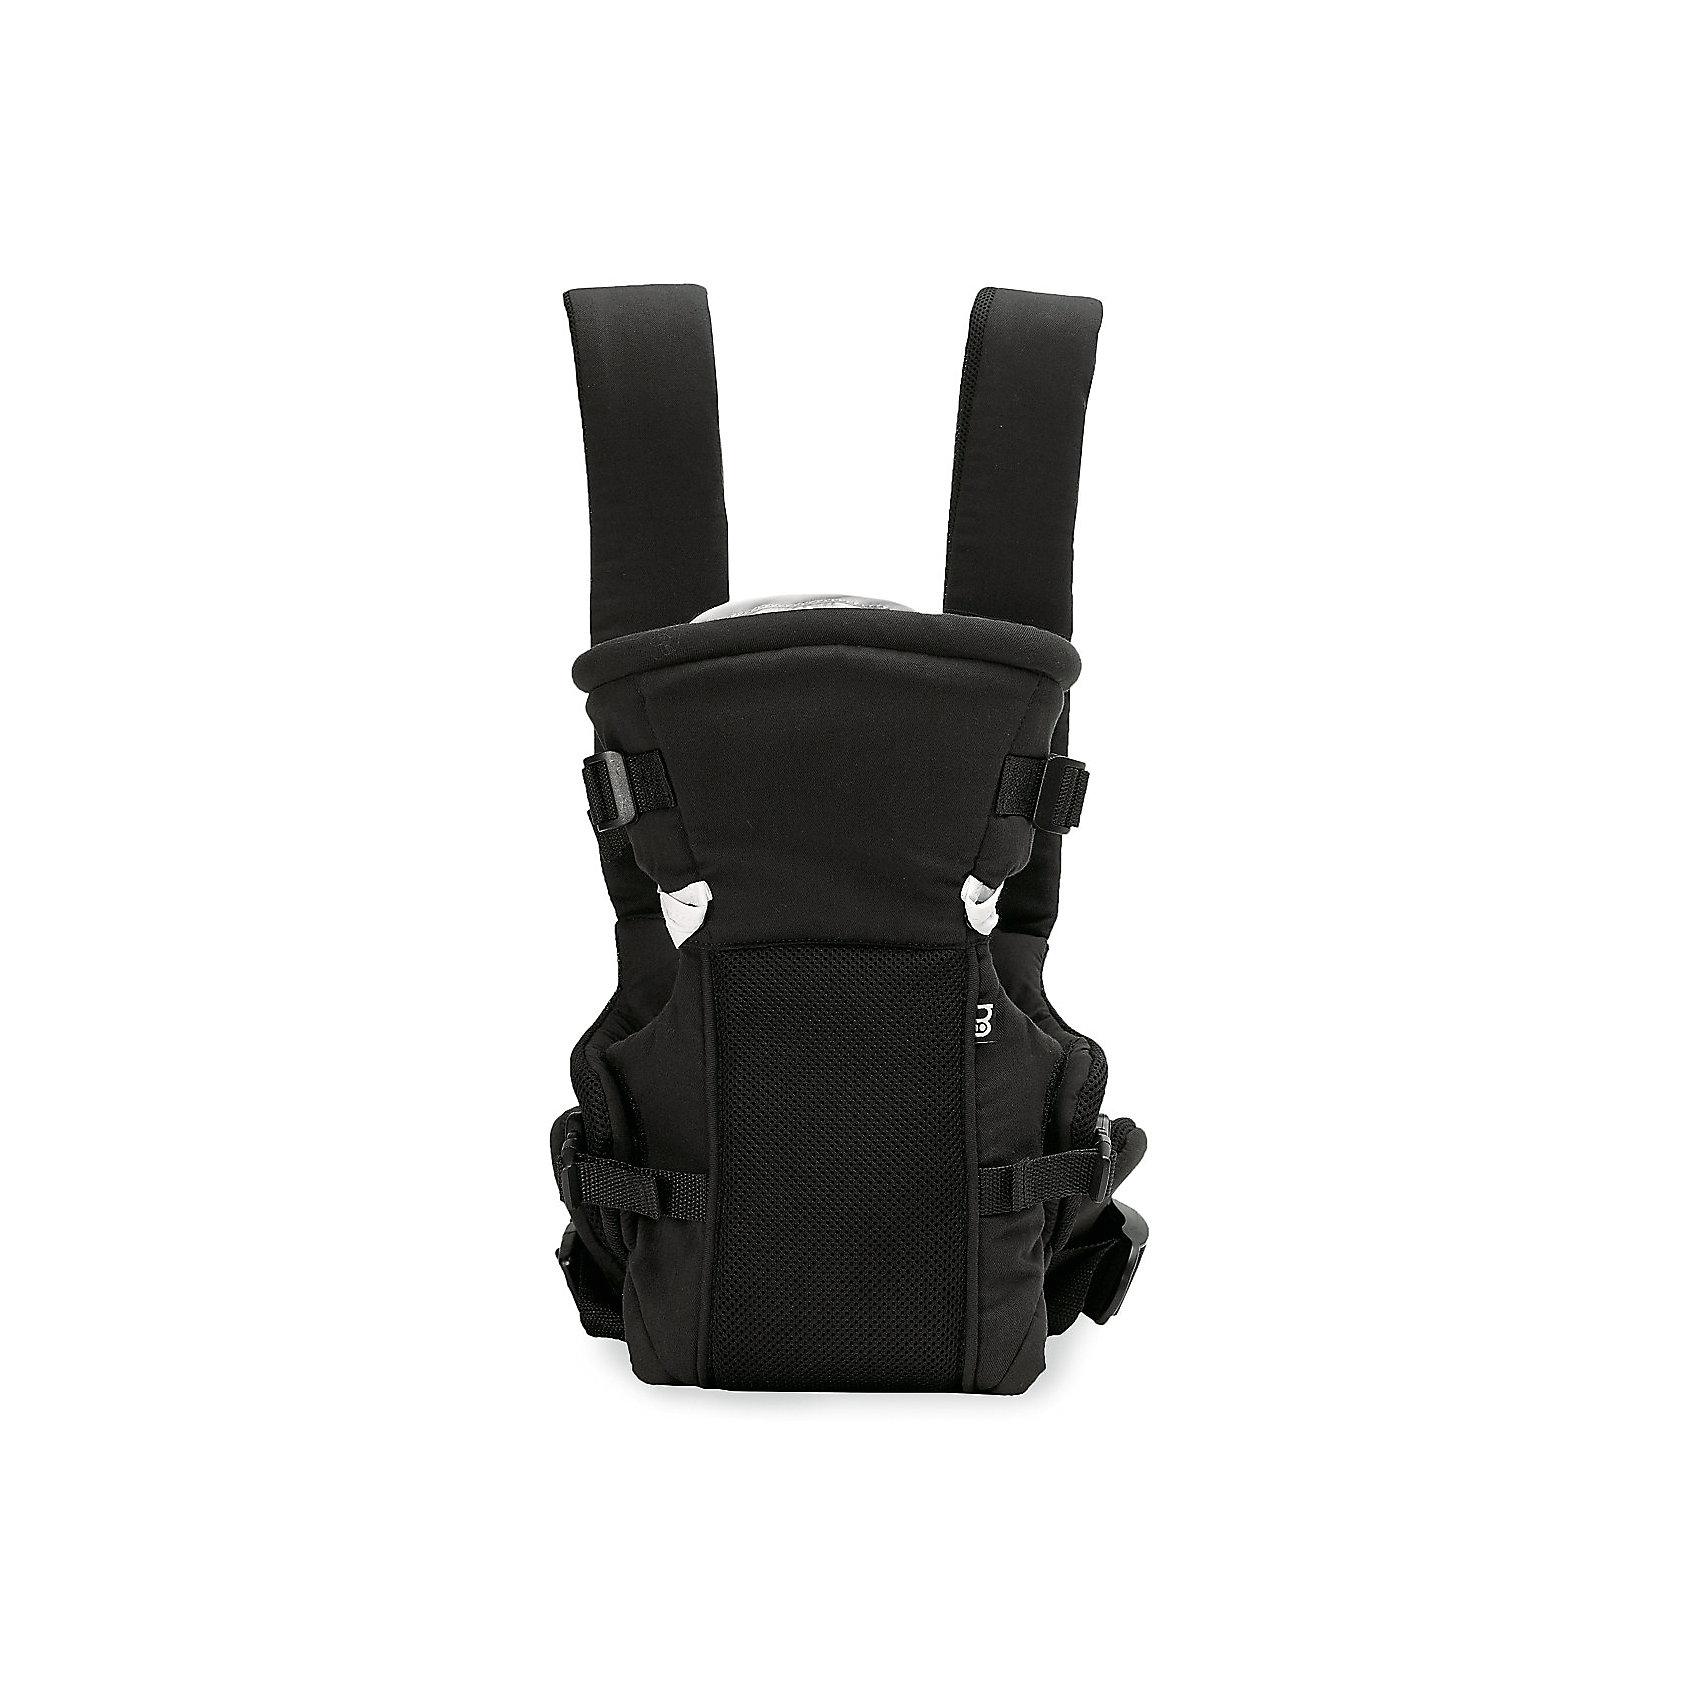 Рюкзак-переноска для детей Carramio, Clippasafe, черныйСлинги и рюкзаки-переноски<br>Рюкзак-переноска для детей Carramio, Clippasafe, черный<br><br>Характеристики:<br>- Материал: хлопок<br>- Наполнитель: полиэстер<br>- Вес ребенка: от 3,5 до 9 кг.<br>- Машинная стирка: доступна<br>- Регулируется по росту<br>- Размер: 12 * 24 * 23 см.<br>- Вес: 4,4 кг.<br>Рюкзак-переноска для детей Carramio, черный от великобританского бренда Clippasafe (Клипфейс) позволит проводить время во время прогулки еще более комфортно и продуктивно. Эргономичная спинка и поддержка головы позволят использовать переноску длительное время, а специальный материал, пропускающий воздух позволит коже малыша дышать и не даст вспотеть. Ребенок чувствует себя более комфортно в переноске, чем коляске. У рюкзака имеются два режима для ребенка: лицом к маме и от мамы. С рюкзаком-переноской малыш сможет познавать окружающий мир вместе с родителями ведь, в отличие от коляски, он сможет смотреть по сторонам, а не только на небо и козырек. Поддерживающие поясницу ремни позволяют правильно распределить вес ребенка и предотвращают боли в спине. Теперь с малышом можно и кататься на велосипеде и рассказывать и показывать окружающий мир, становясь ближе и взрослее. <br>Рюкзак-переноска для детей Carramio, Clippasafe (Клипфейс), черный можно купить в нашем интернет-магазине.<br>Подробнее:<br>• Для детей в возрасте: от 0 до 12 месяцев <br>• Номер товара: 5089856<br>Страна производитель: Китай<br><br>Ширина мм: 250<br>Глубина мм: 360<br>Высота мм: 130<br>Вес г: 300<br>Возраст от месяцев: 3<br>Возраст до месяцев: 12<br>Пол: Унисекс<br>Возраст: Детский<br>SKU: 5089856